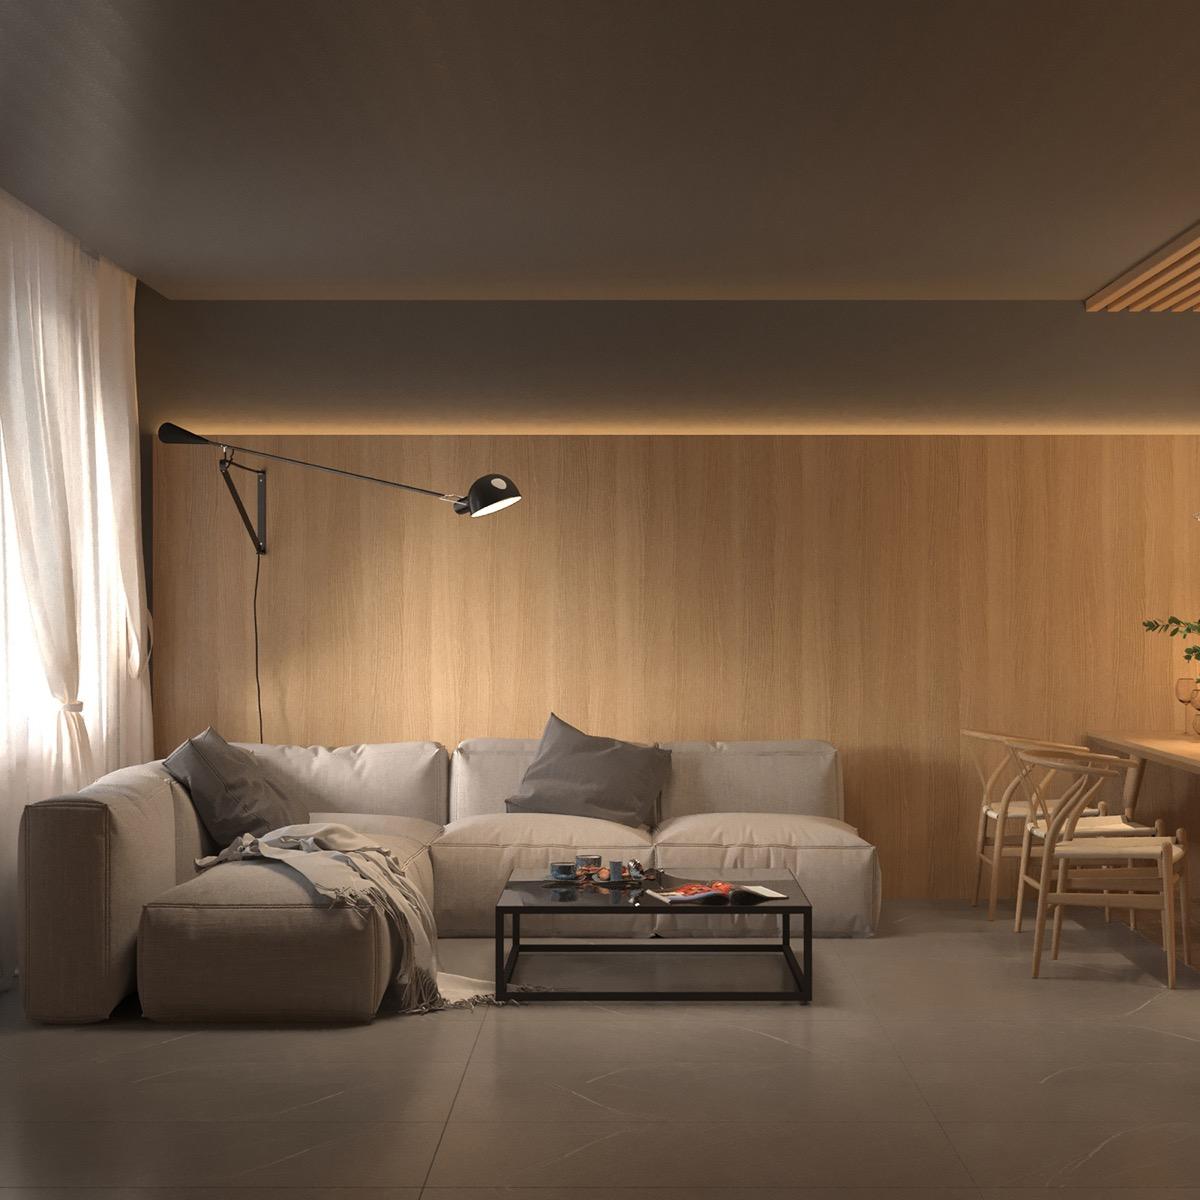 Warm Interior Design With A Soft Lighting Scheme